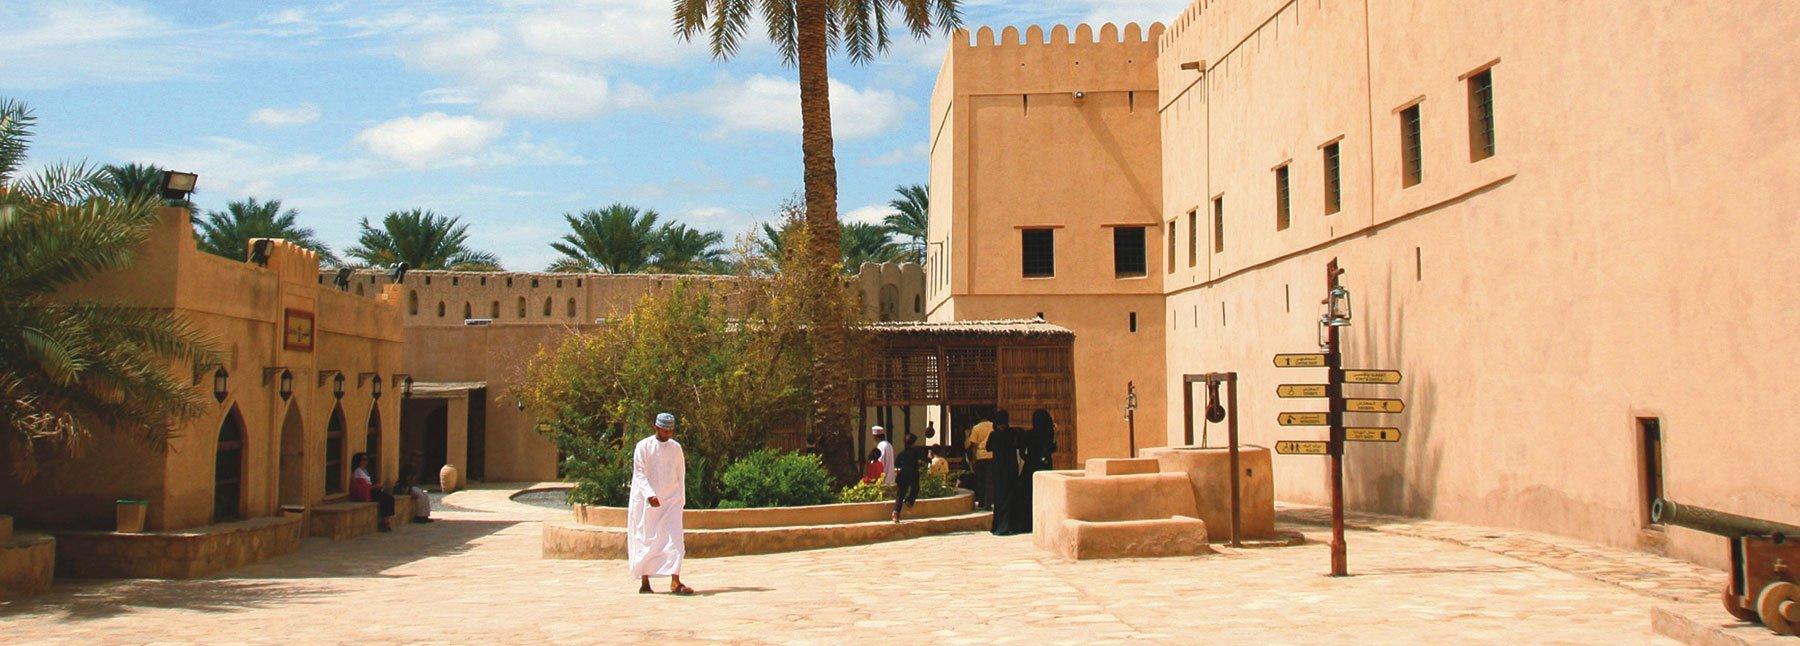 Oman Nizwa